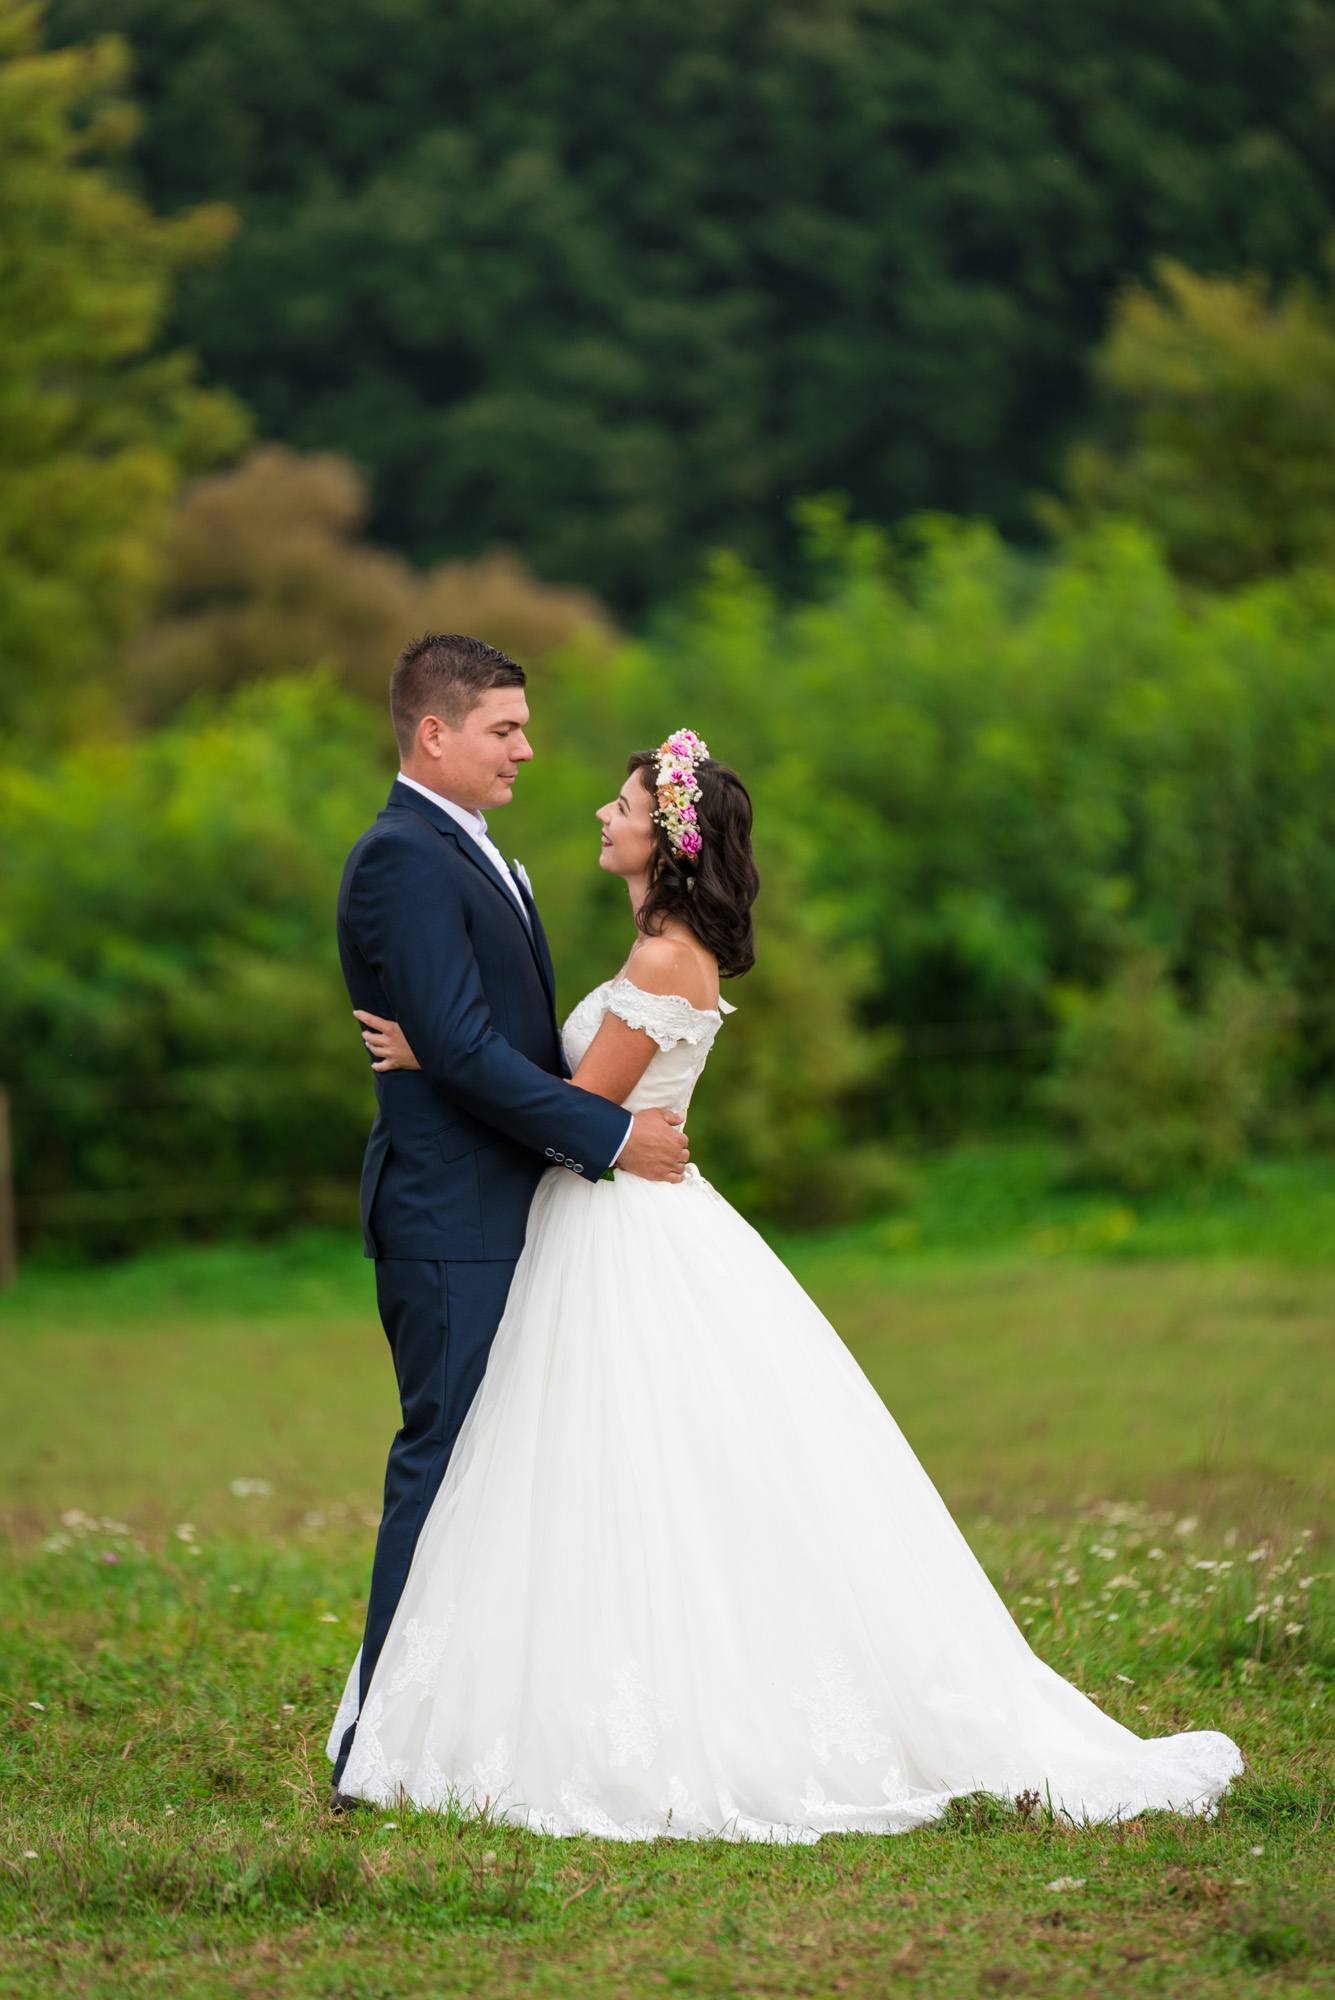 keres nőt esküvő fotó